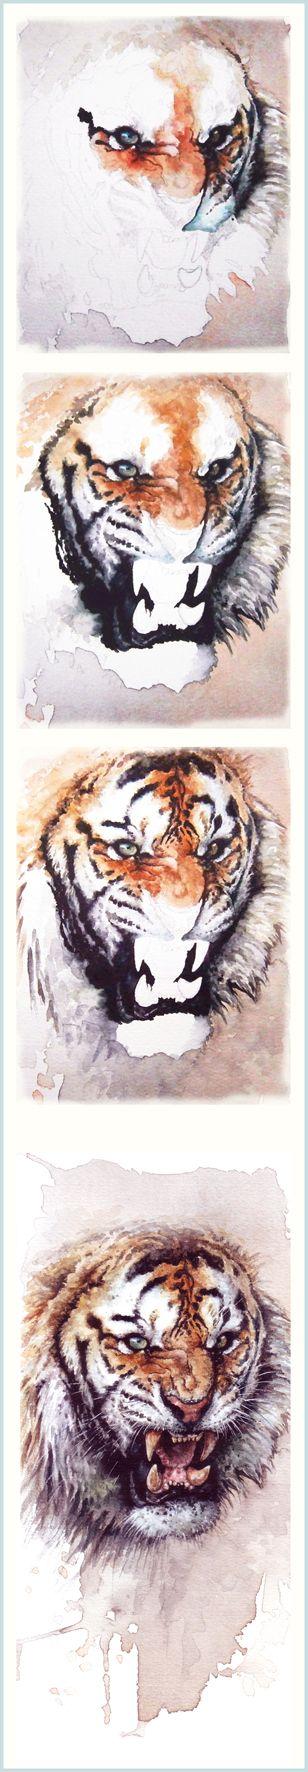 Ilustracion Cientifica, una especialidad apasionante dentro del Arte de la Ilustracion.  http://www.arteneo.com/